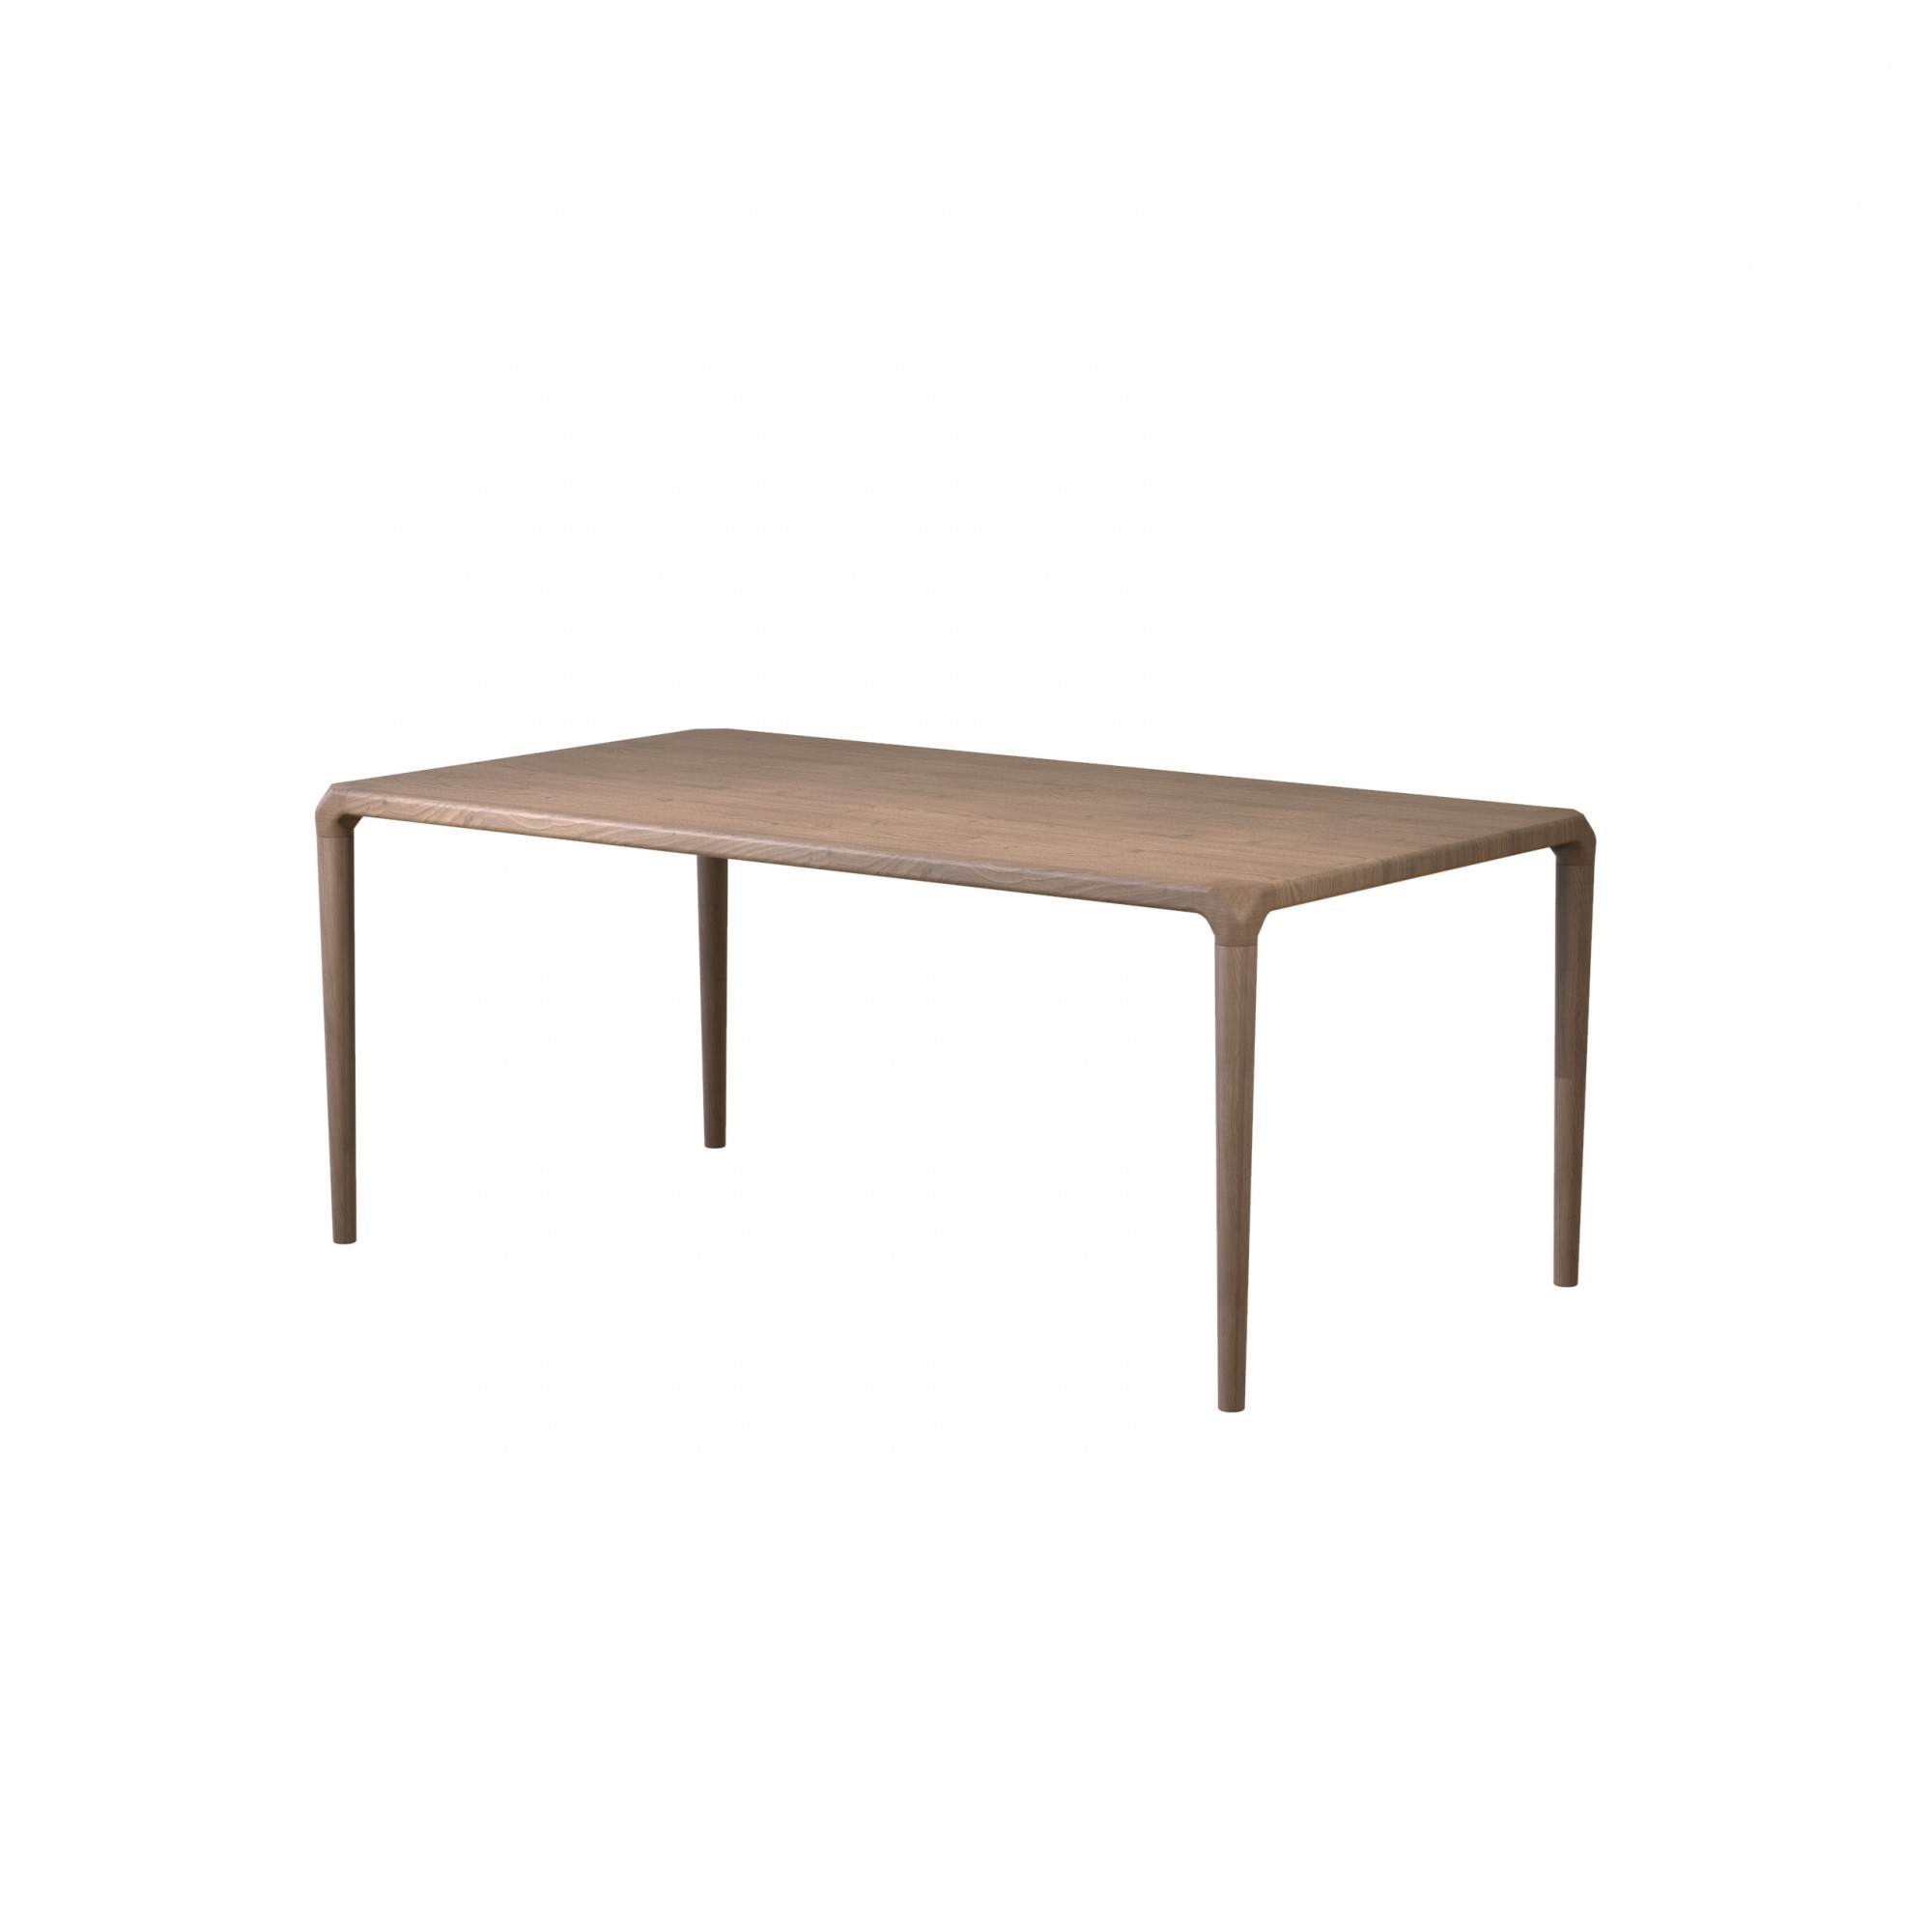 Finn Large Rectangular Dining Table